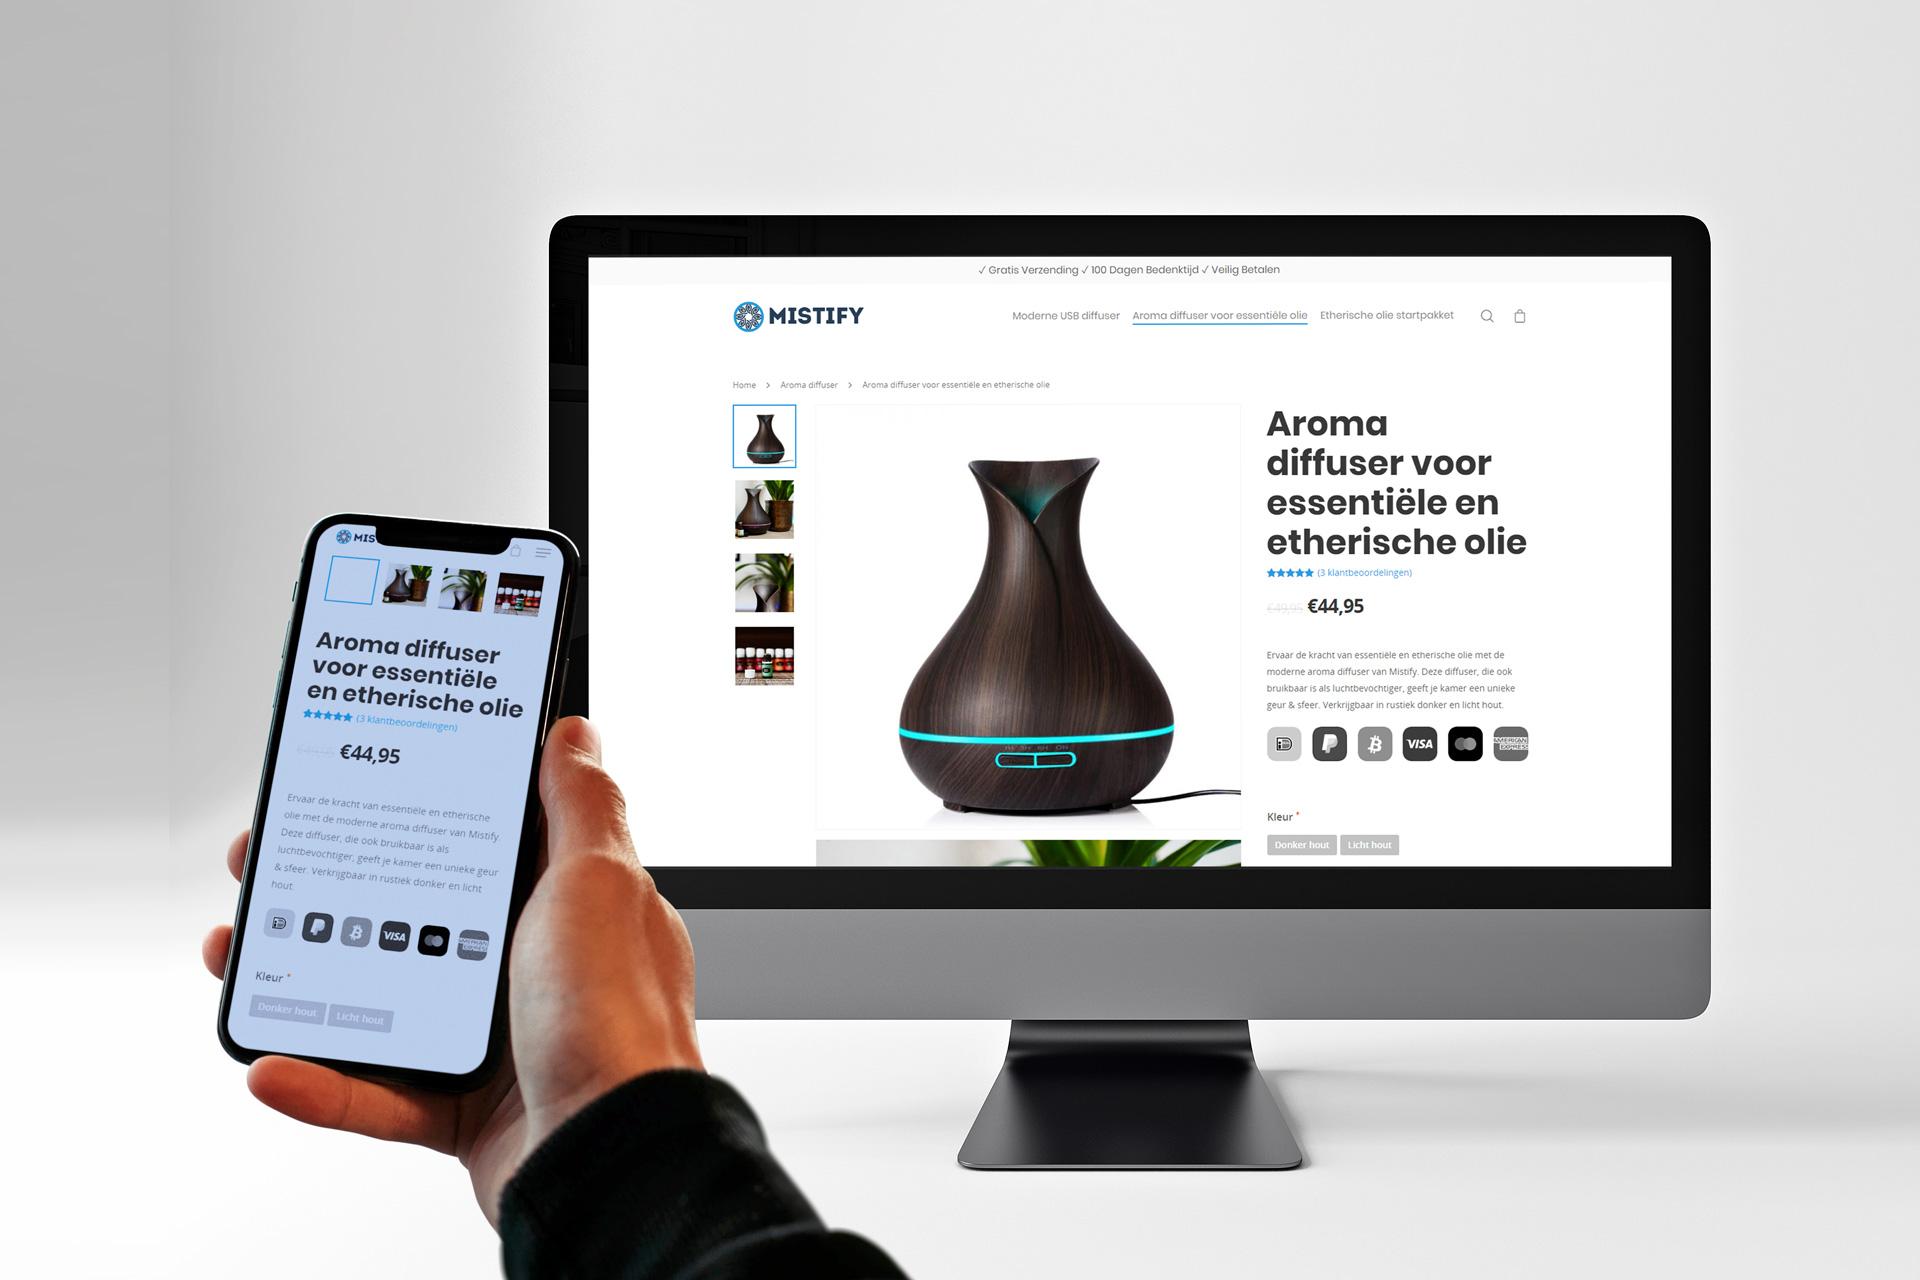 Dewebsitebouwers.com heeft de responsive website van Mistify gemaakt